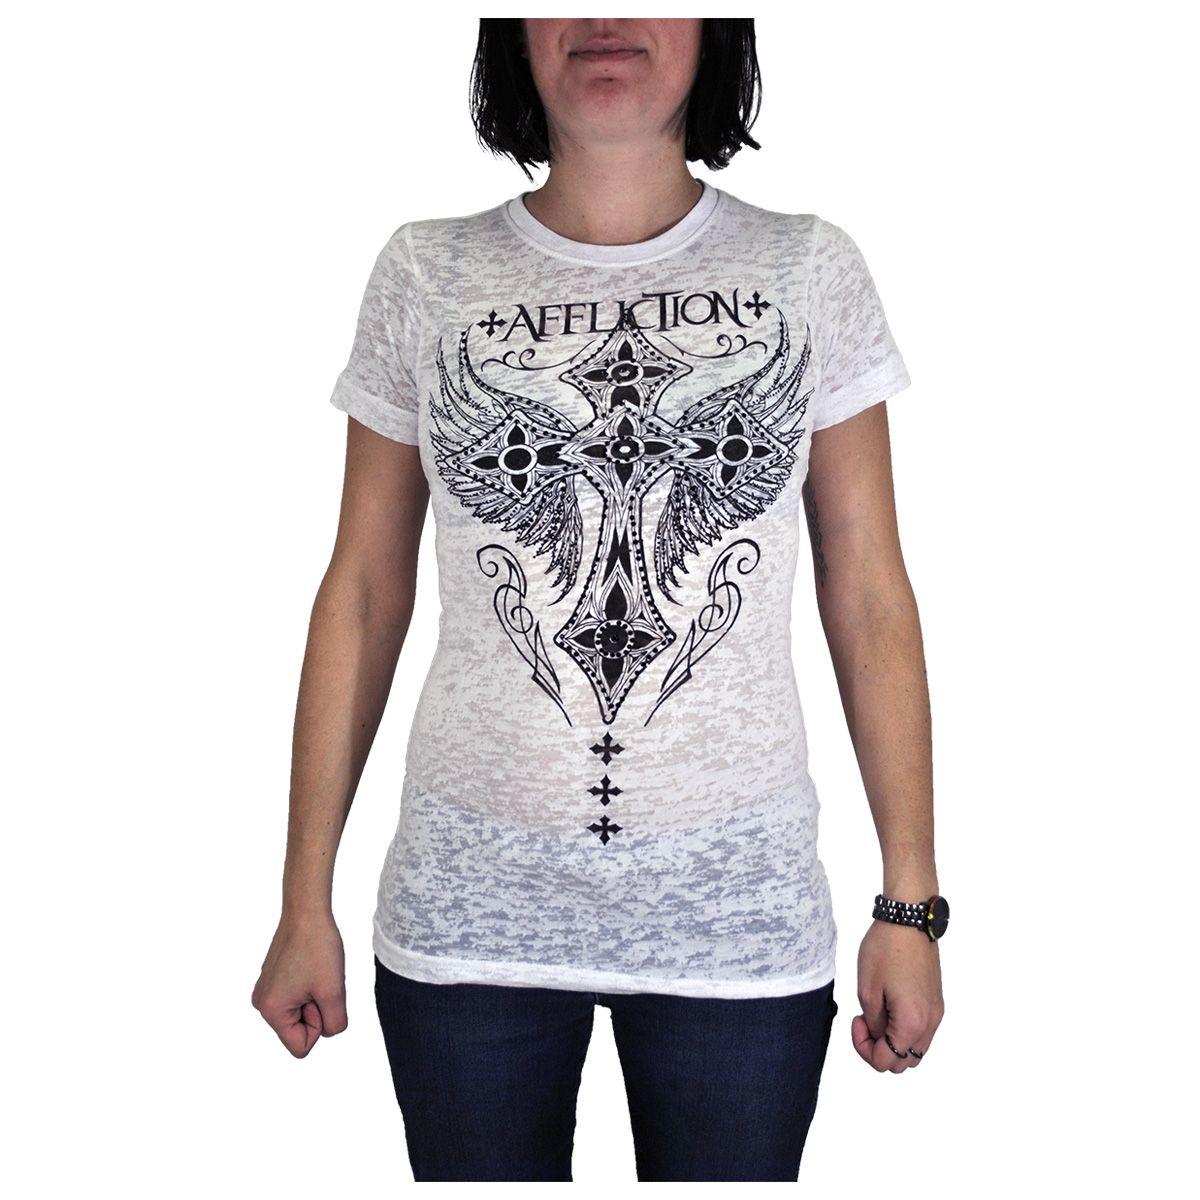 Tee Shirt Femme AFFLICTION - Hotspot - Rock A Gogo 154f1f555584